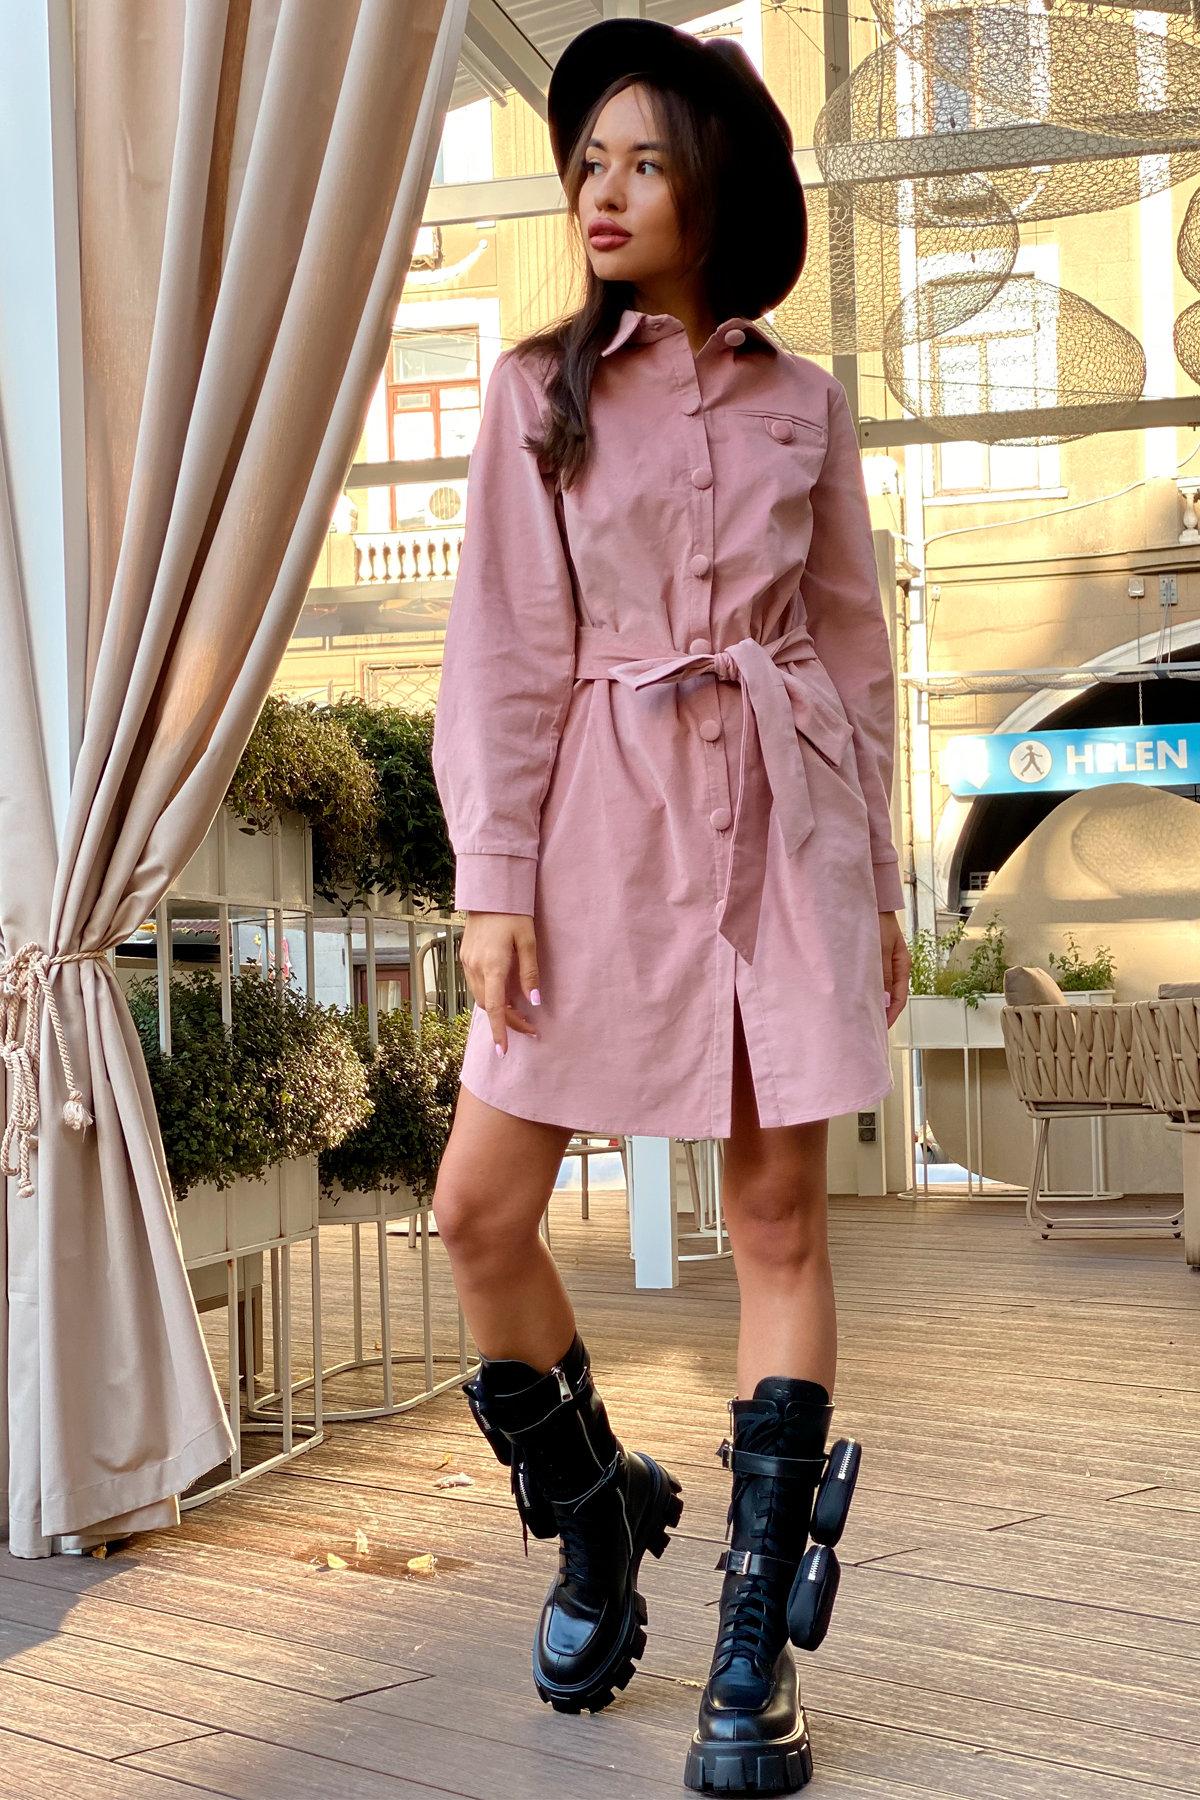 Платье-рубашка Омса 9687 АРТ. 45997 Цвет: Пудра - фото 6, интернет магазин tm-modus.ru